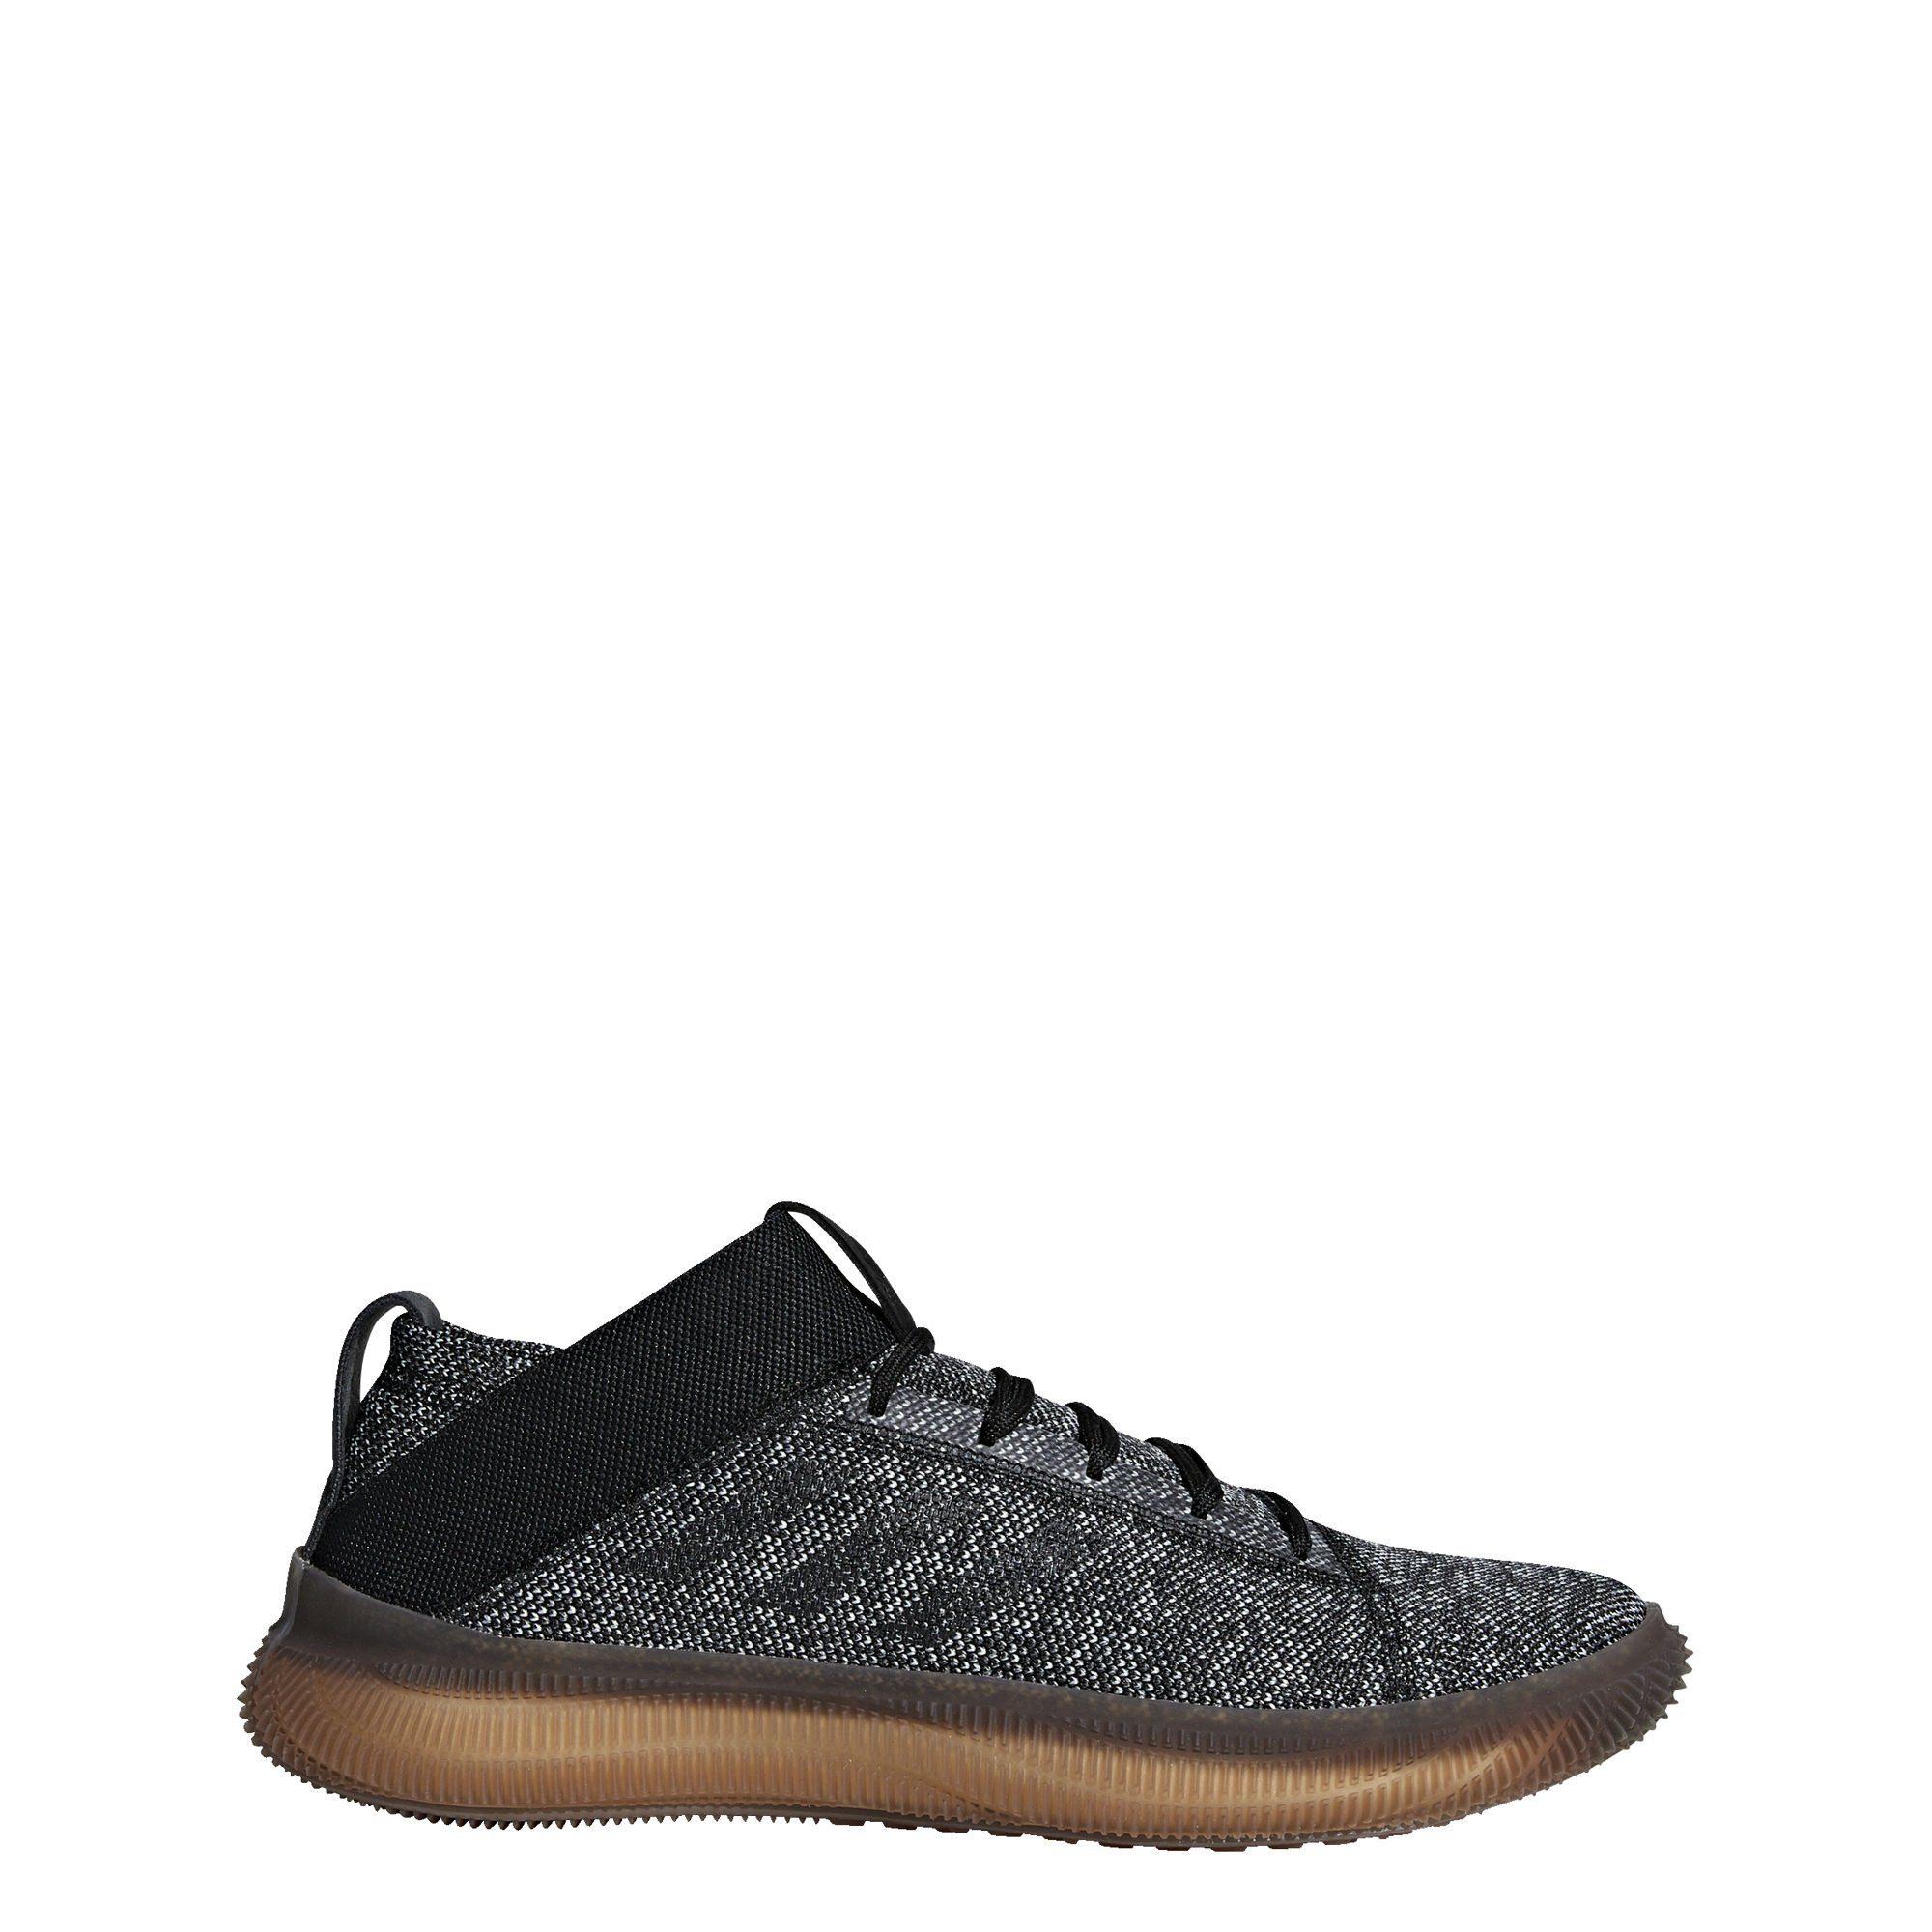 adidas Performance »PureBOOST Trainer Schuh« Trainingsschuh, Schnürsenkel online kaufen | OTTO